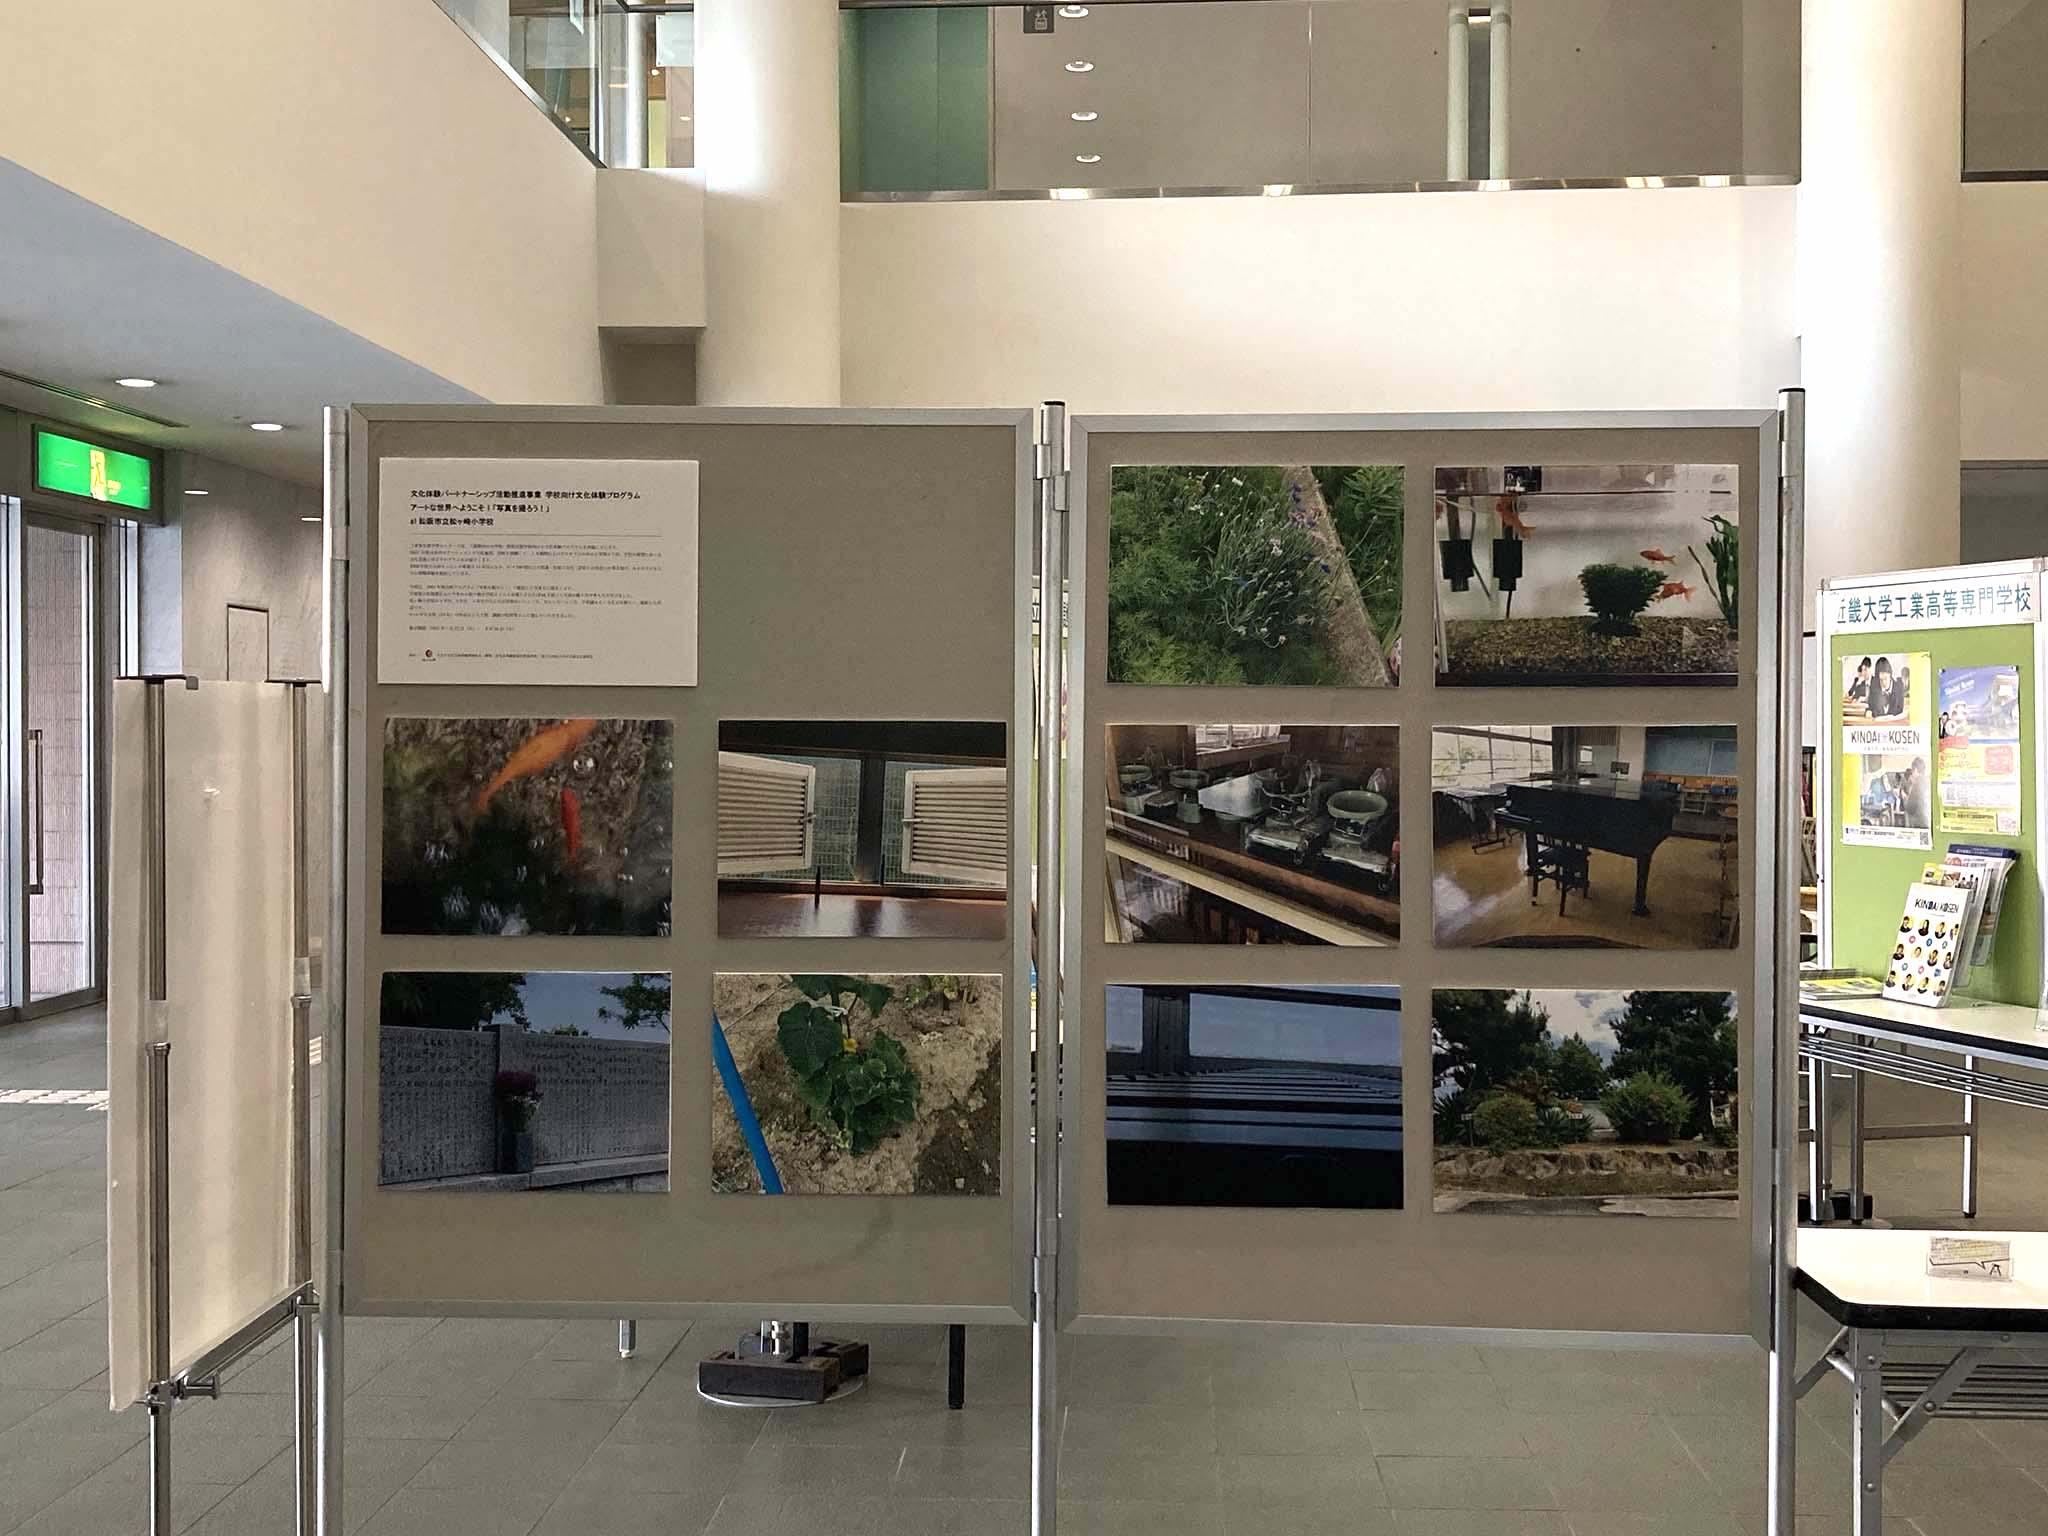 210728文化体験プログラム「写真を撮ろう」パネル展示